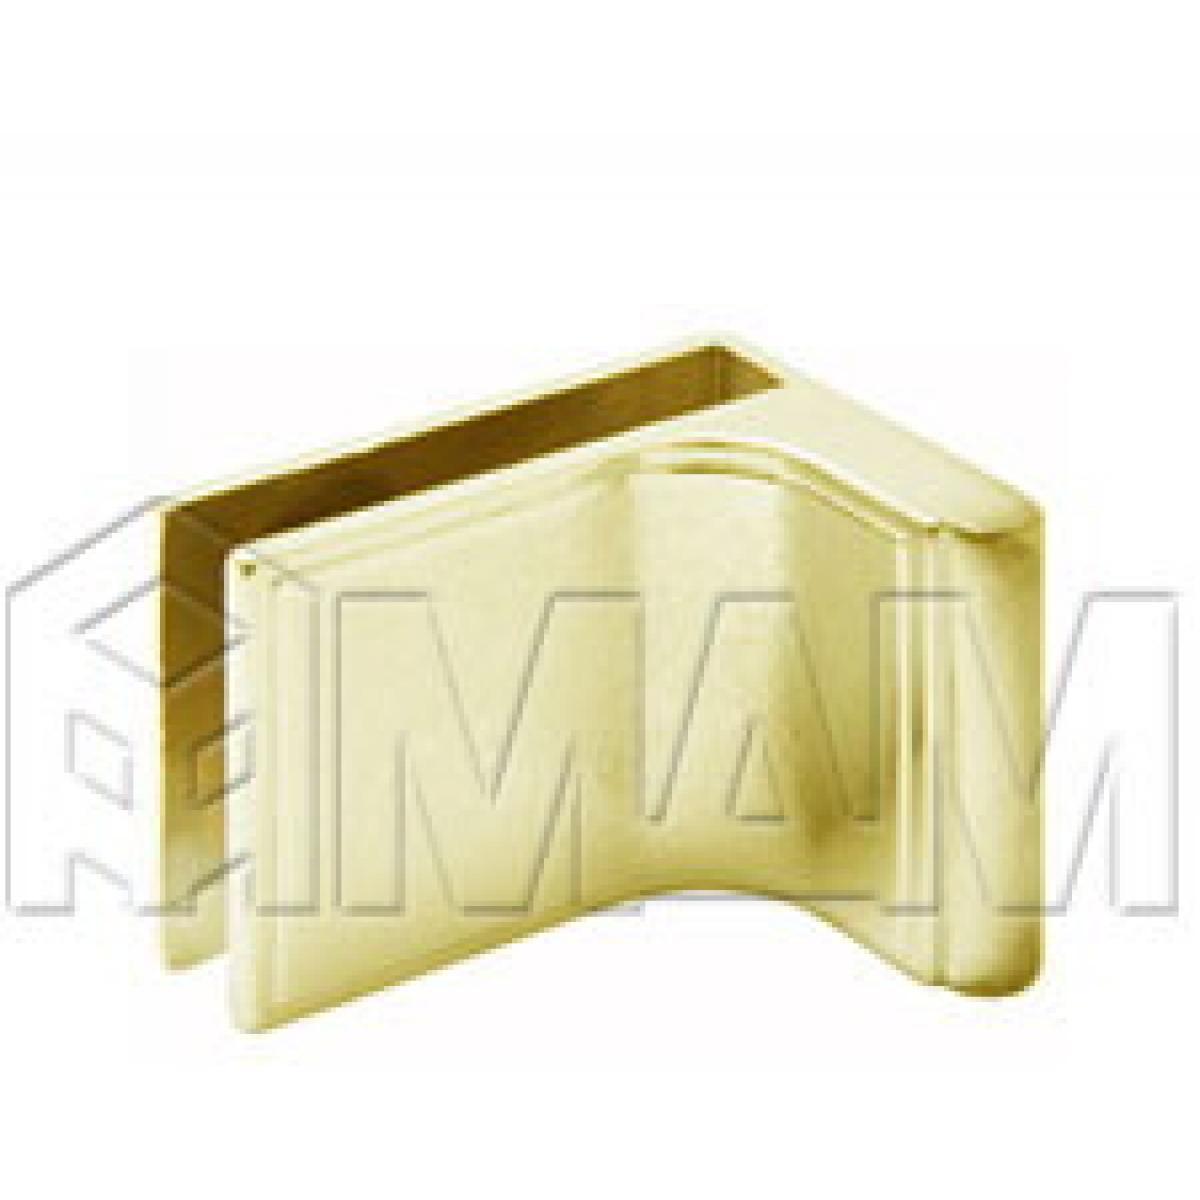 Специальные петли - Ручка для стекл. двери с петлями D/13, золото